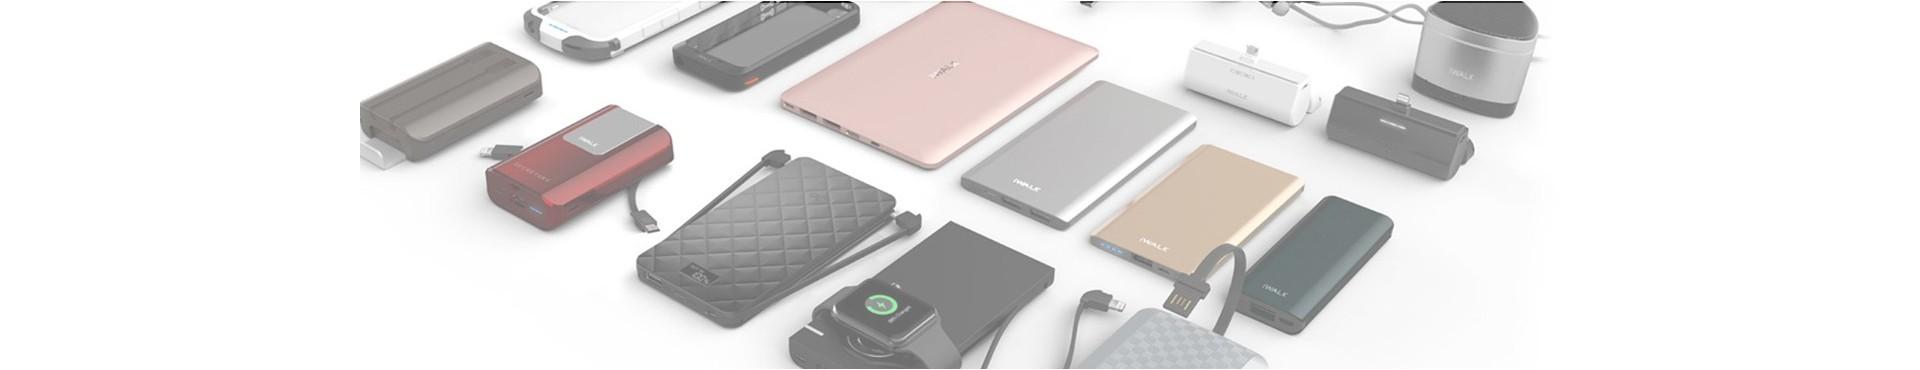 แบตเตอรี่สำรองสำหรับสมาร์ทโฟน มือถือ แท็ปเล็ตและโน้ตบุ๊ค